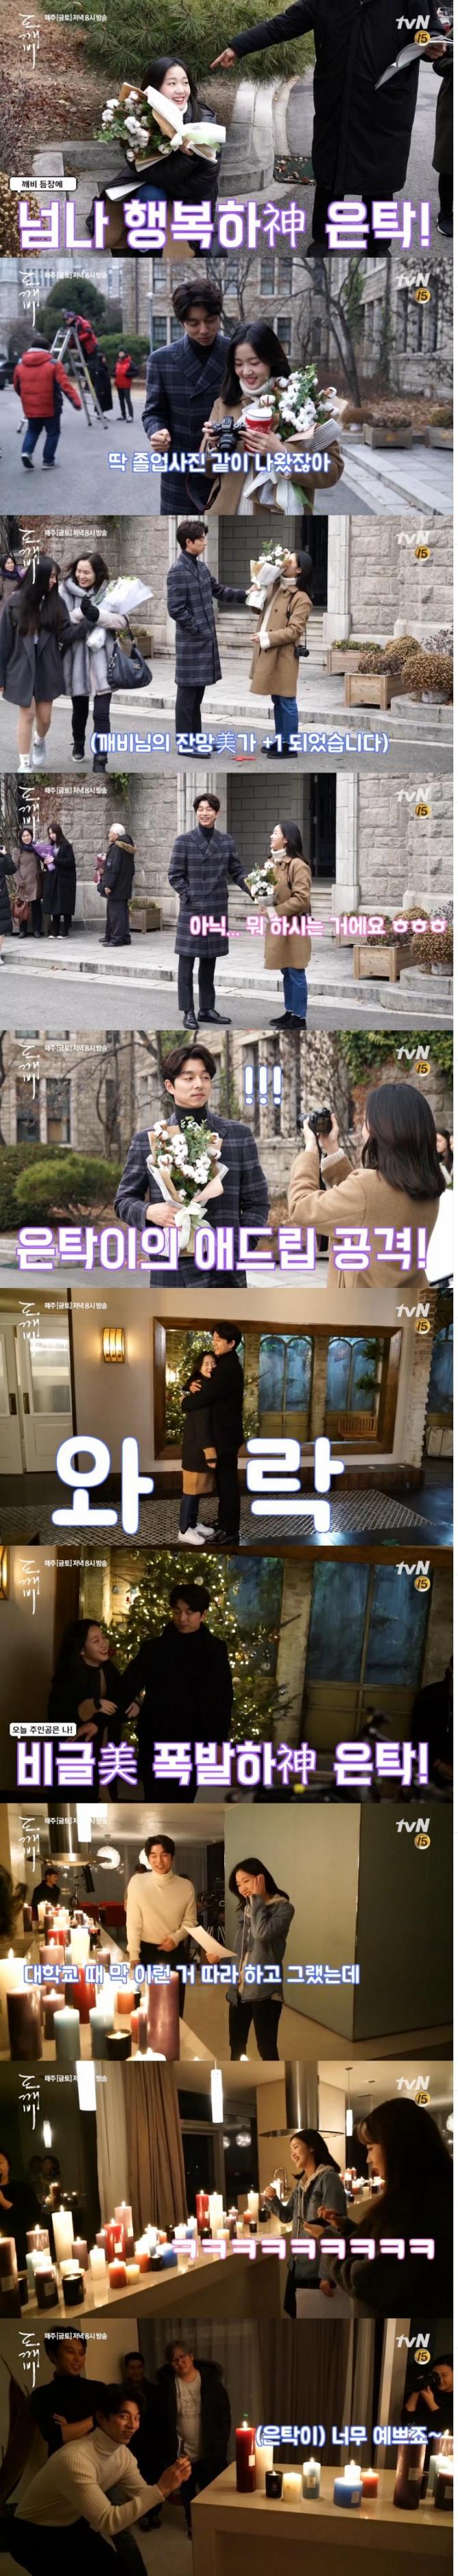 tvN 금토드라마 '도깨비' 제작진이 10일 '비글미 대폭발 신탁 커플'이라는 제목의 메이킹 영상을 공개했다./사진=tvN영상 캡처